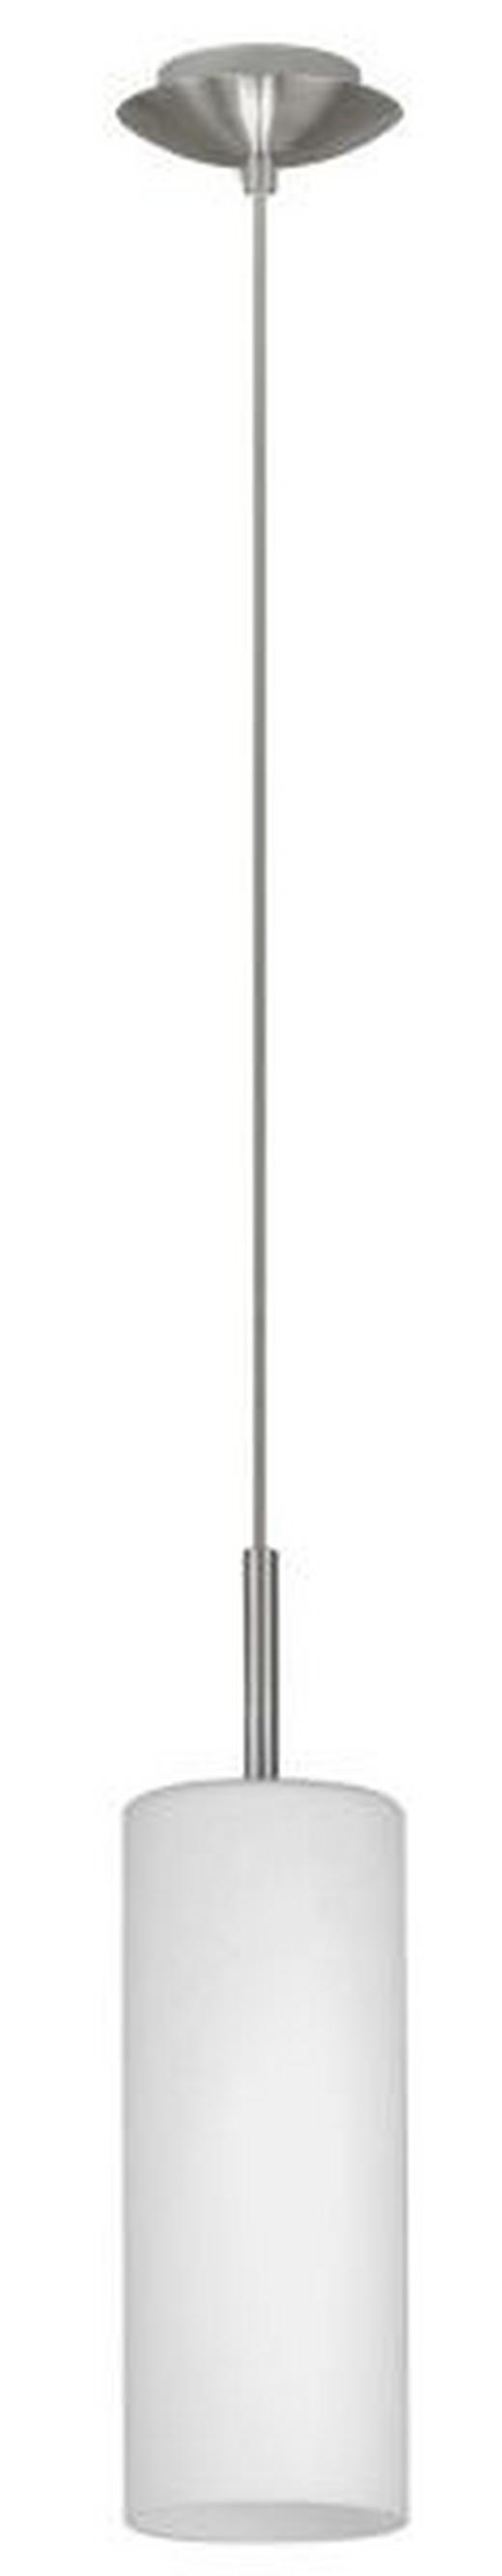 HÄNGELEUCHTE - Nickelfarben, KONVENTIONELL, Glas/Metall (110cm)